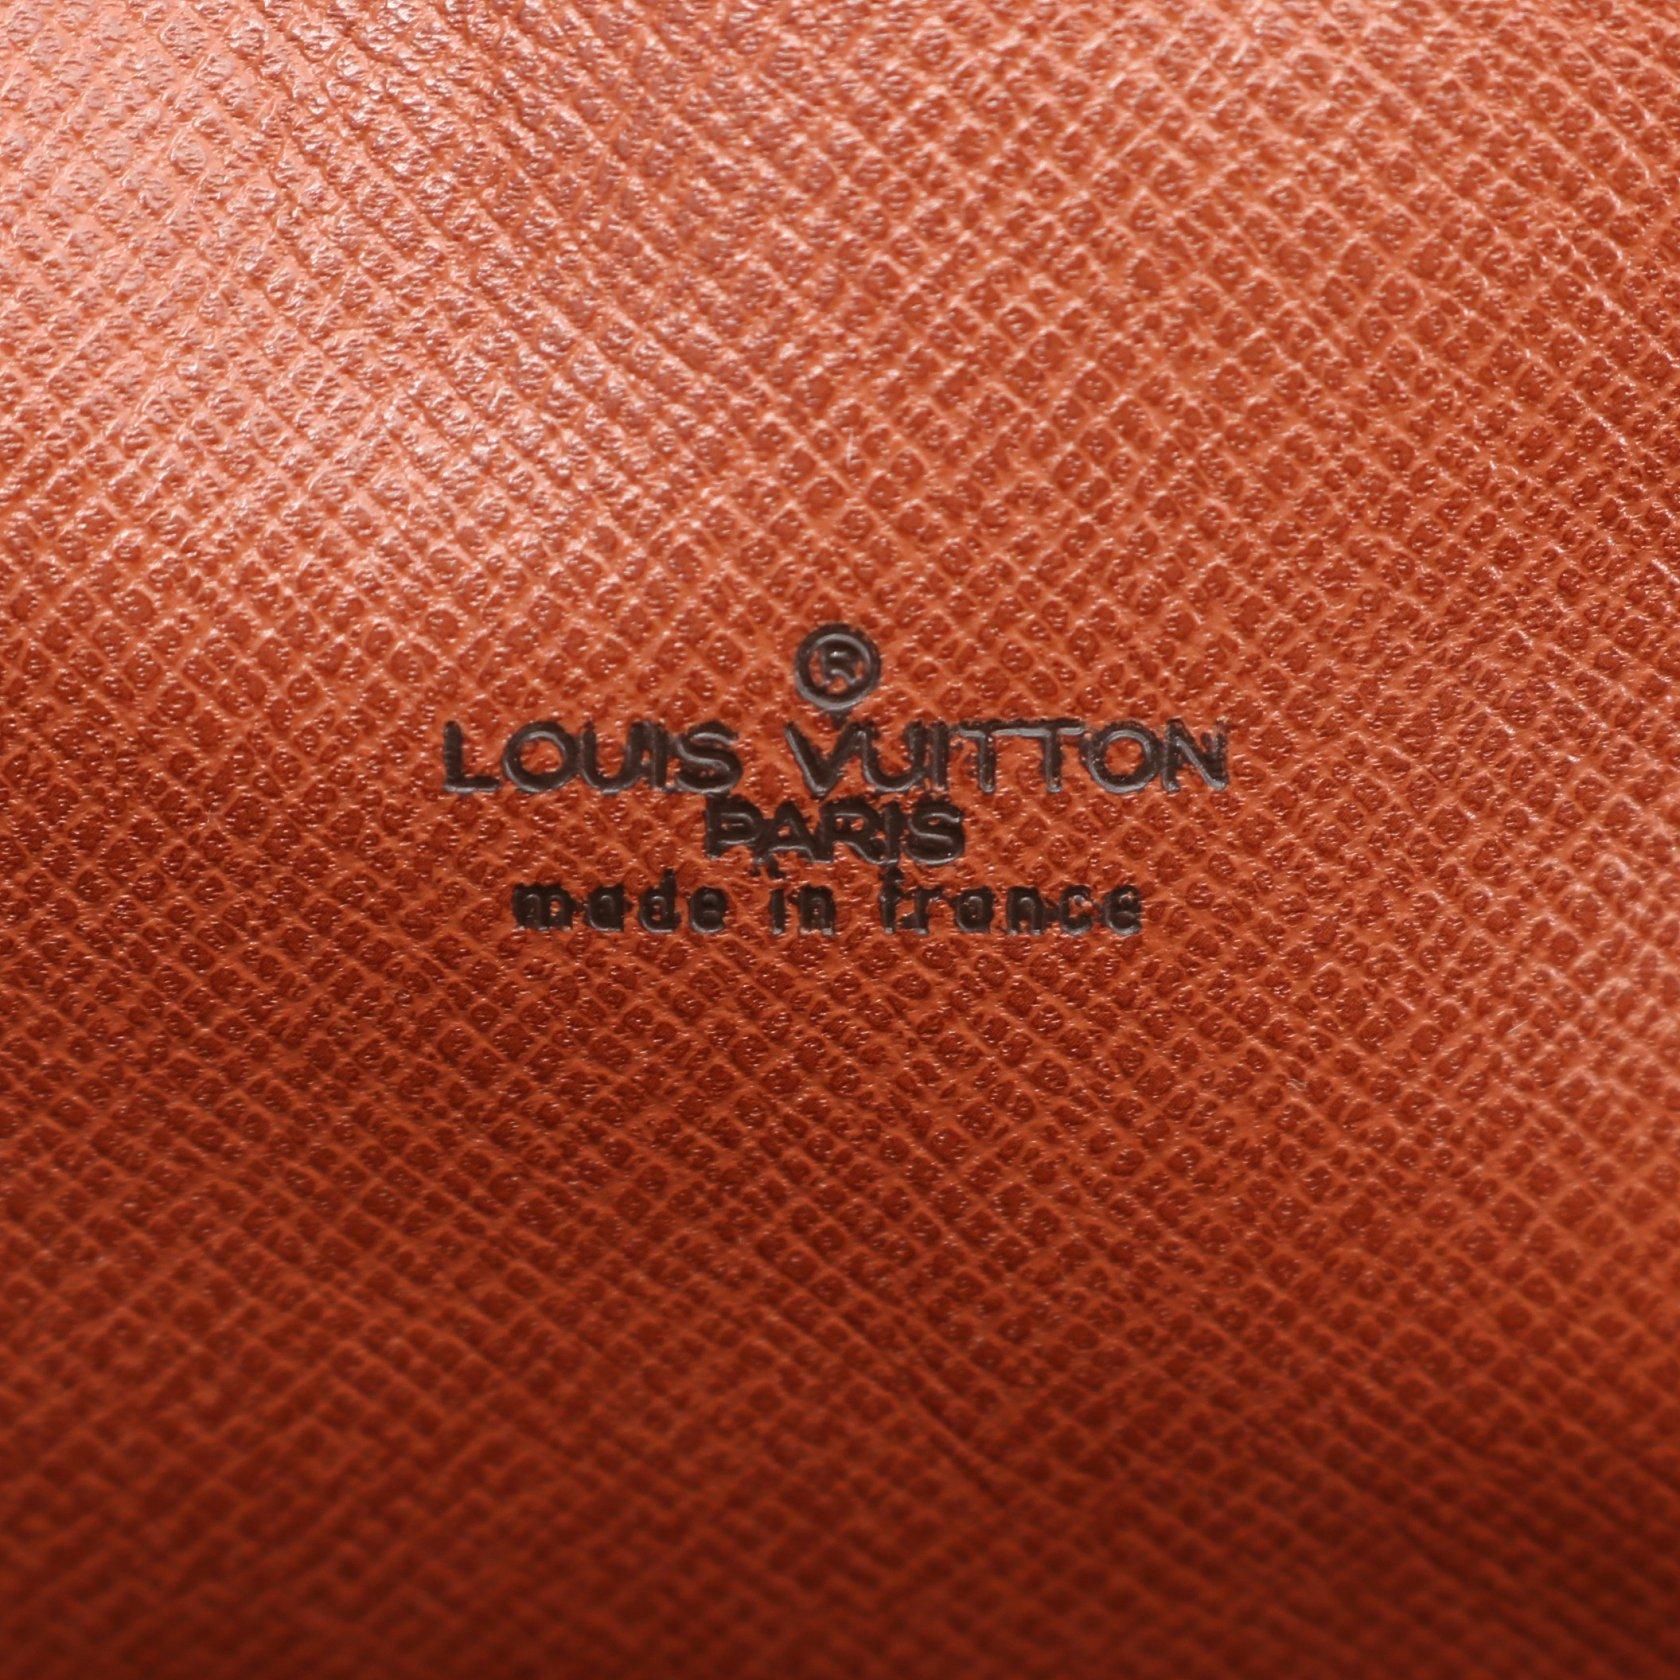 LOUIS VUITTON・バッグ・シリウス45 モノグラム トラベルバッグ ボストンバッグ PVC レザー ブラウン